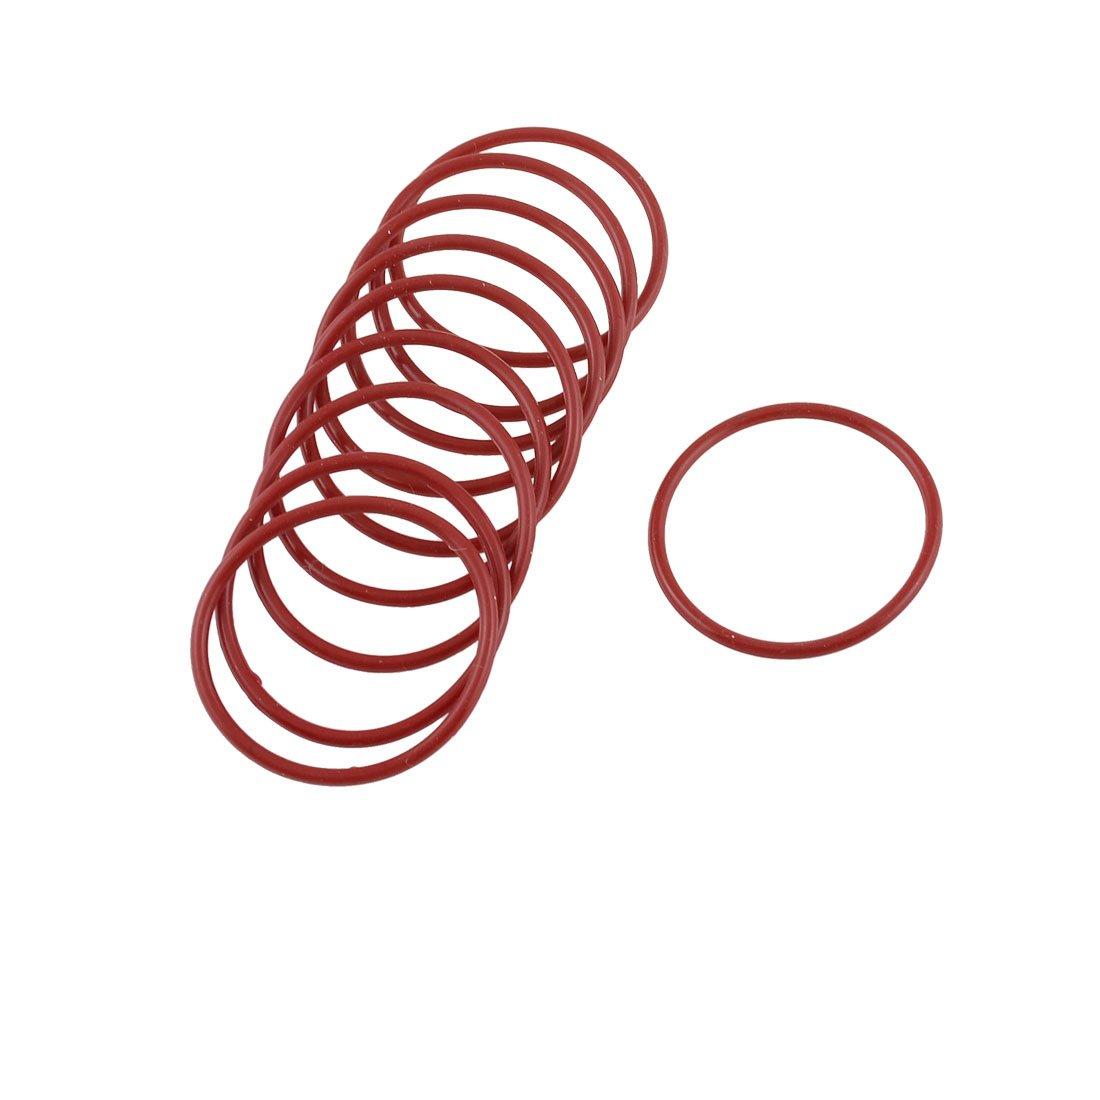 sourcingmap® 10 x 40 mm, spessore: 2 mm, ø esterno Filtro dell'olio in gomma per guarnizione O Rings: Rosso ø esterno Filtro dell'olio in gomma per guarnizione O Rings: Rosso sourcing map a13030700ux0546